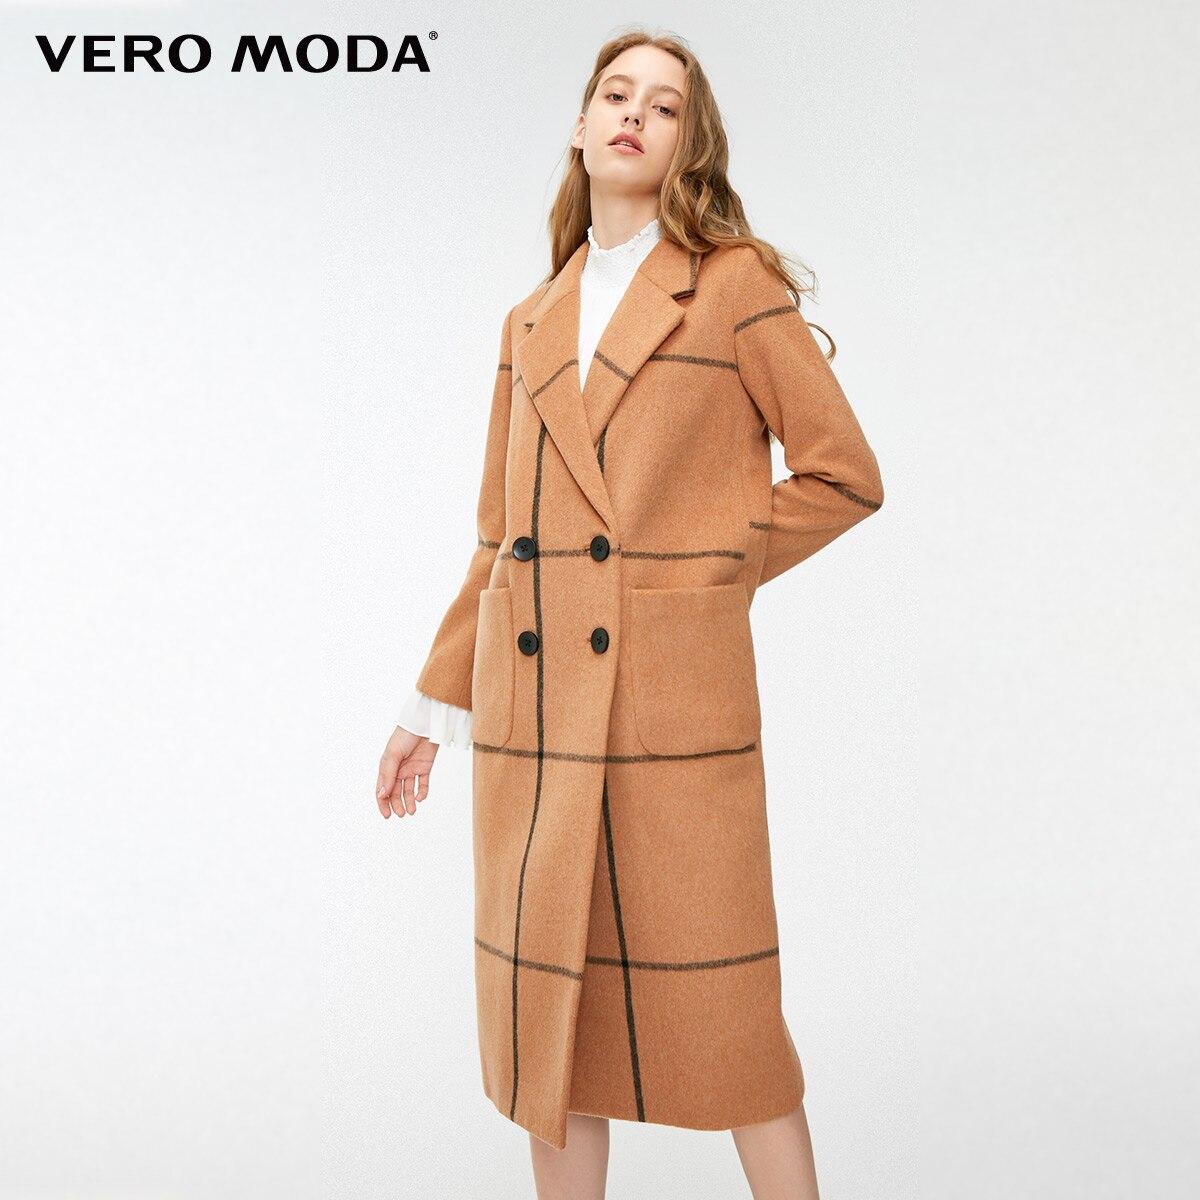 Vero Moda frauen Urban Plaid Gerade Lange Woolen Mantel  318327514-in Wolle & Mischungen aus Damenbekleidung bei  Gruppe 1